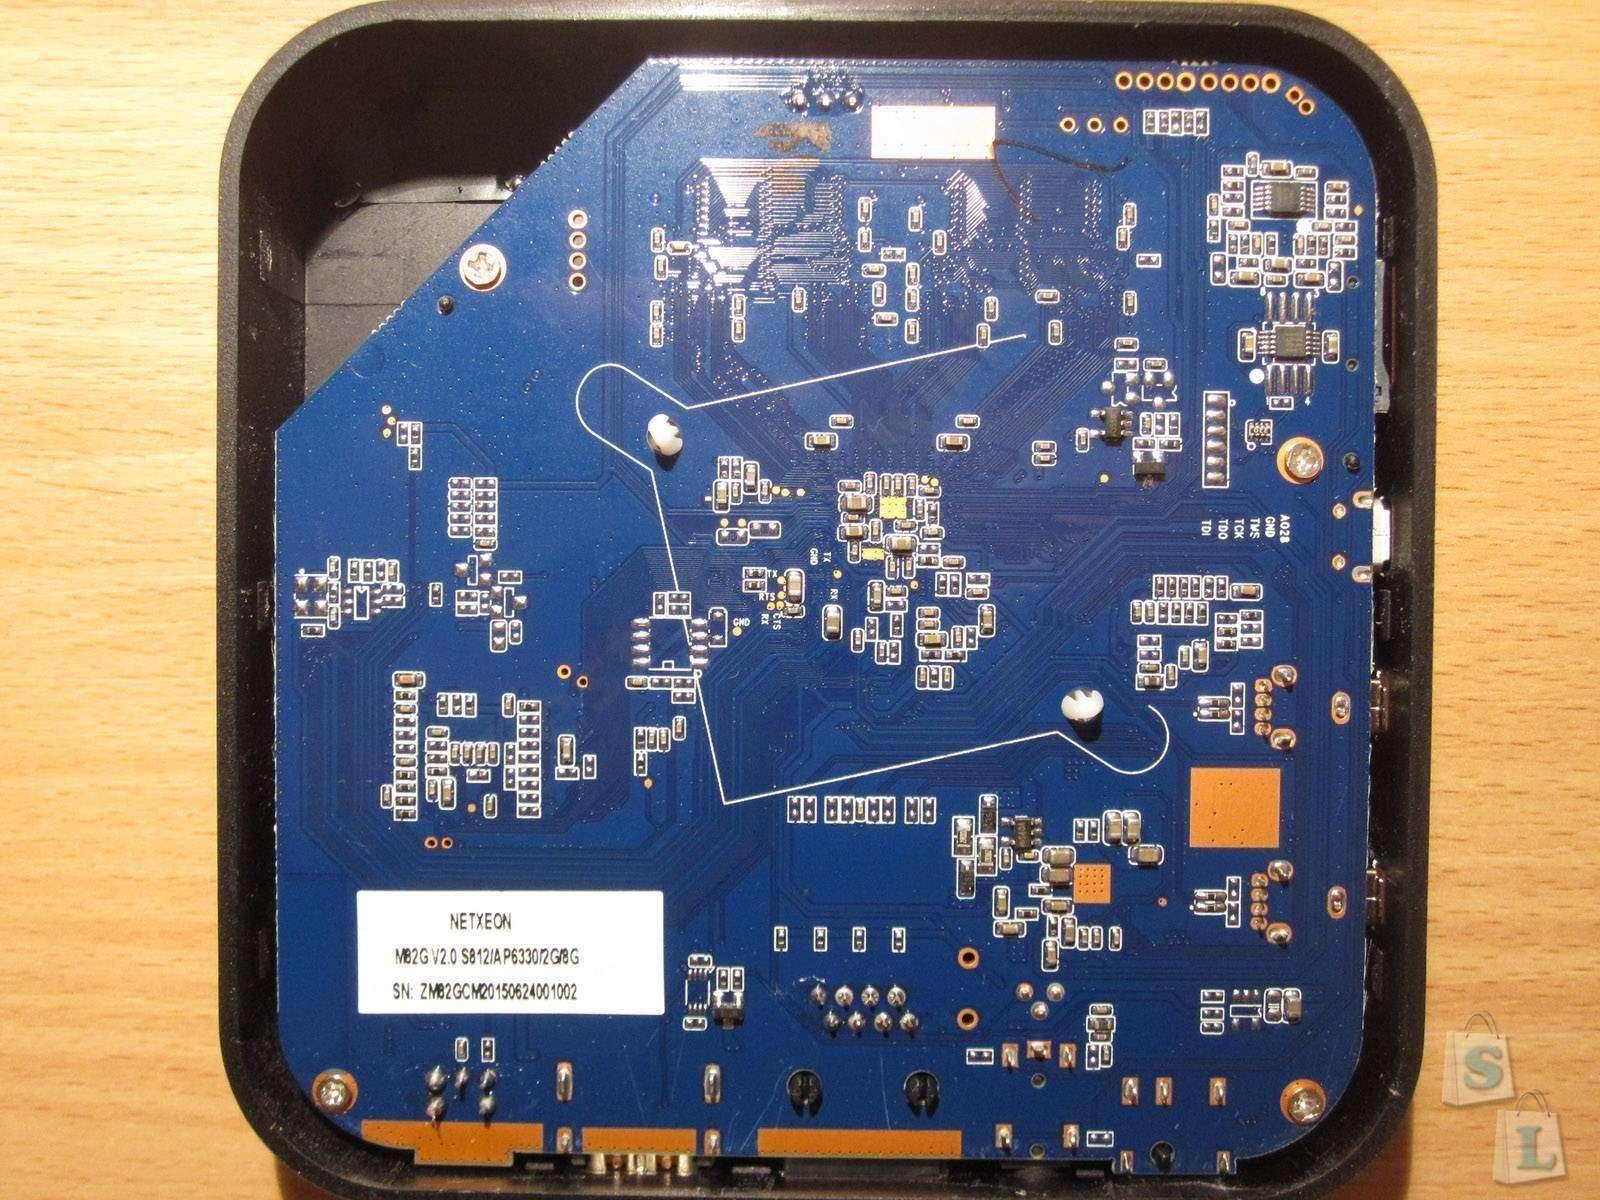 GearBest: MXIII-G, 4к + Gigabit ethernet ТВ бокс, который не пришлось дорабатывать